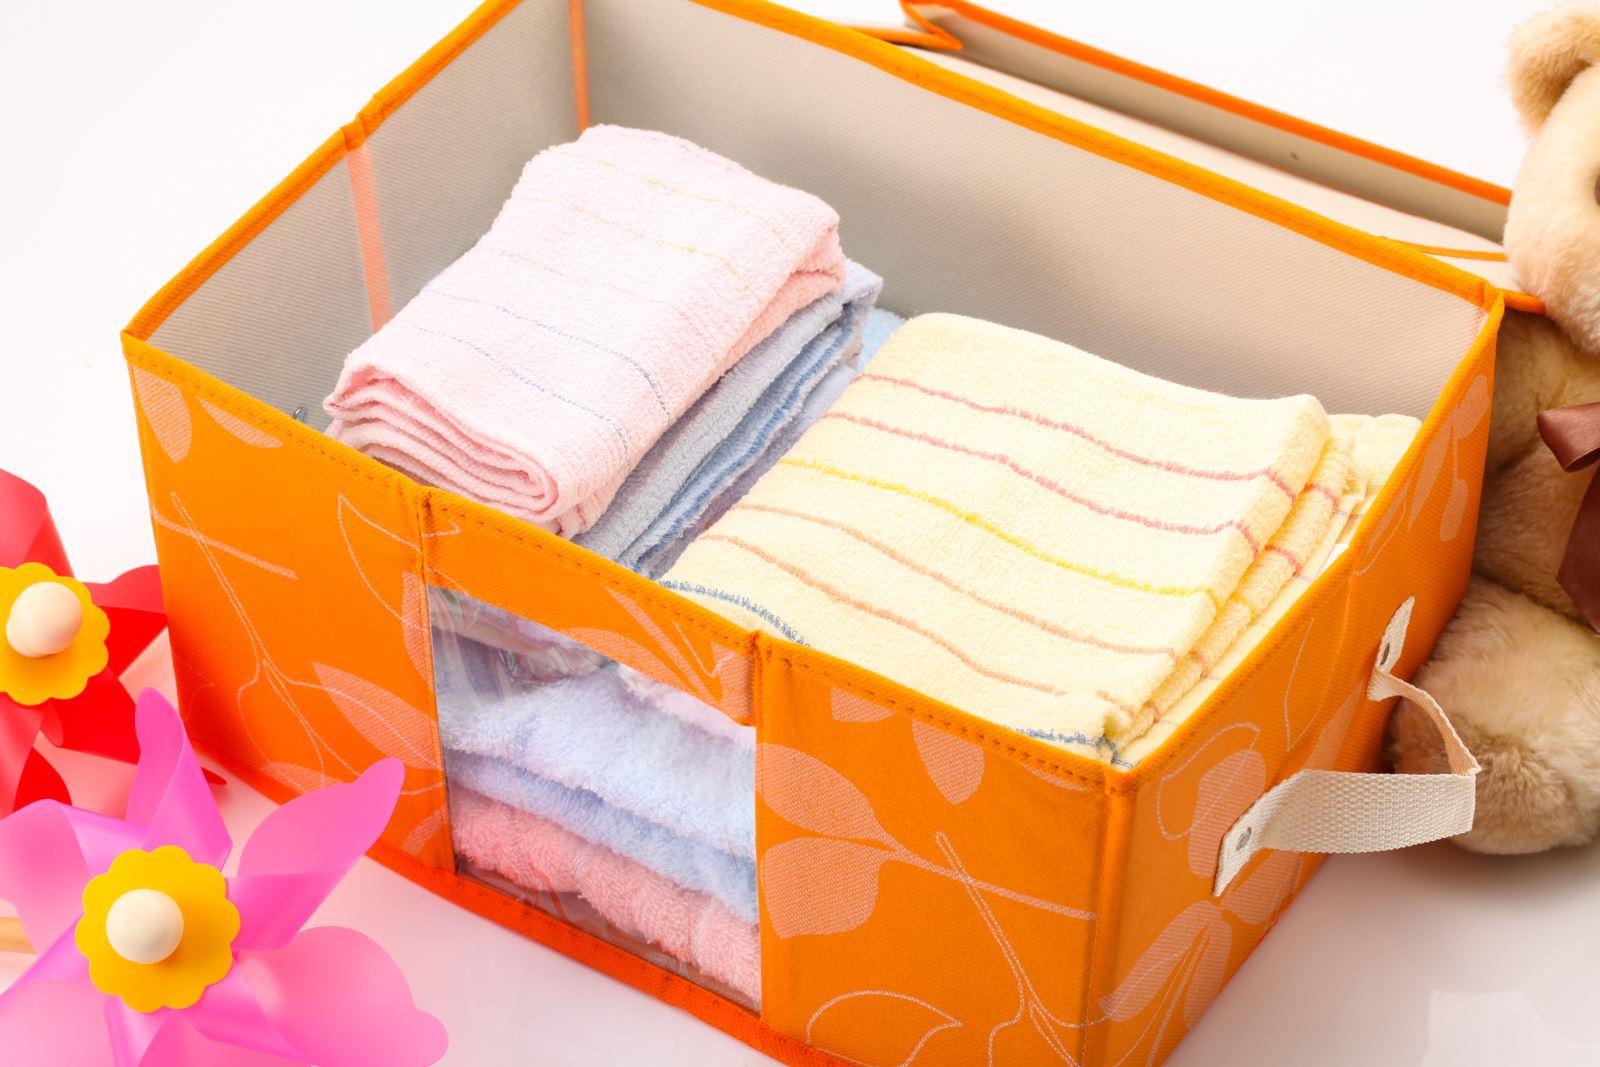 可視型/折疊/收納箱/收納/玩具收納/衣物收納/寵物收納/收納組